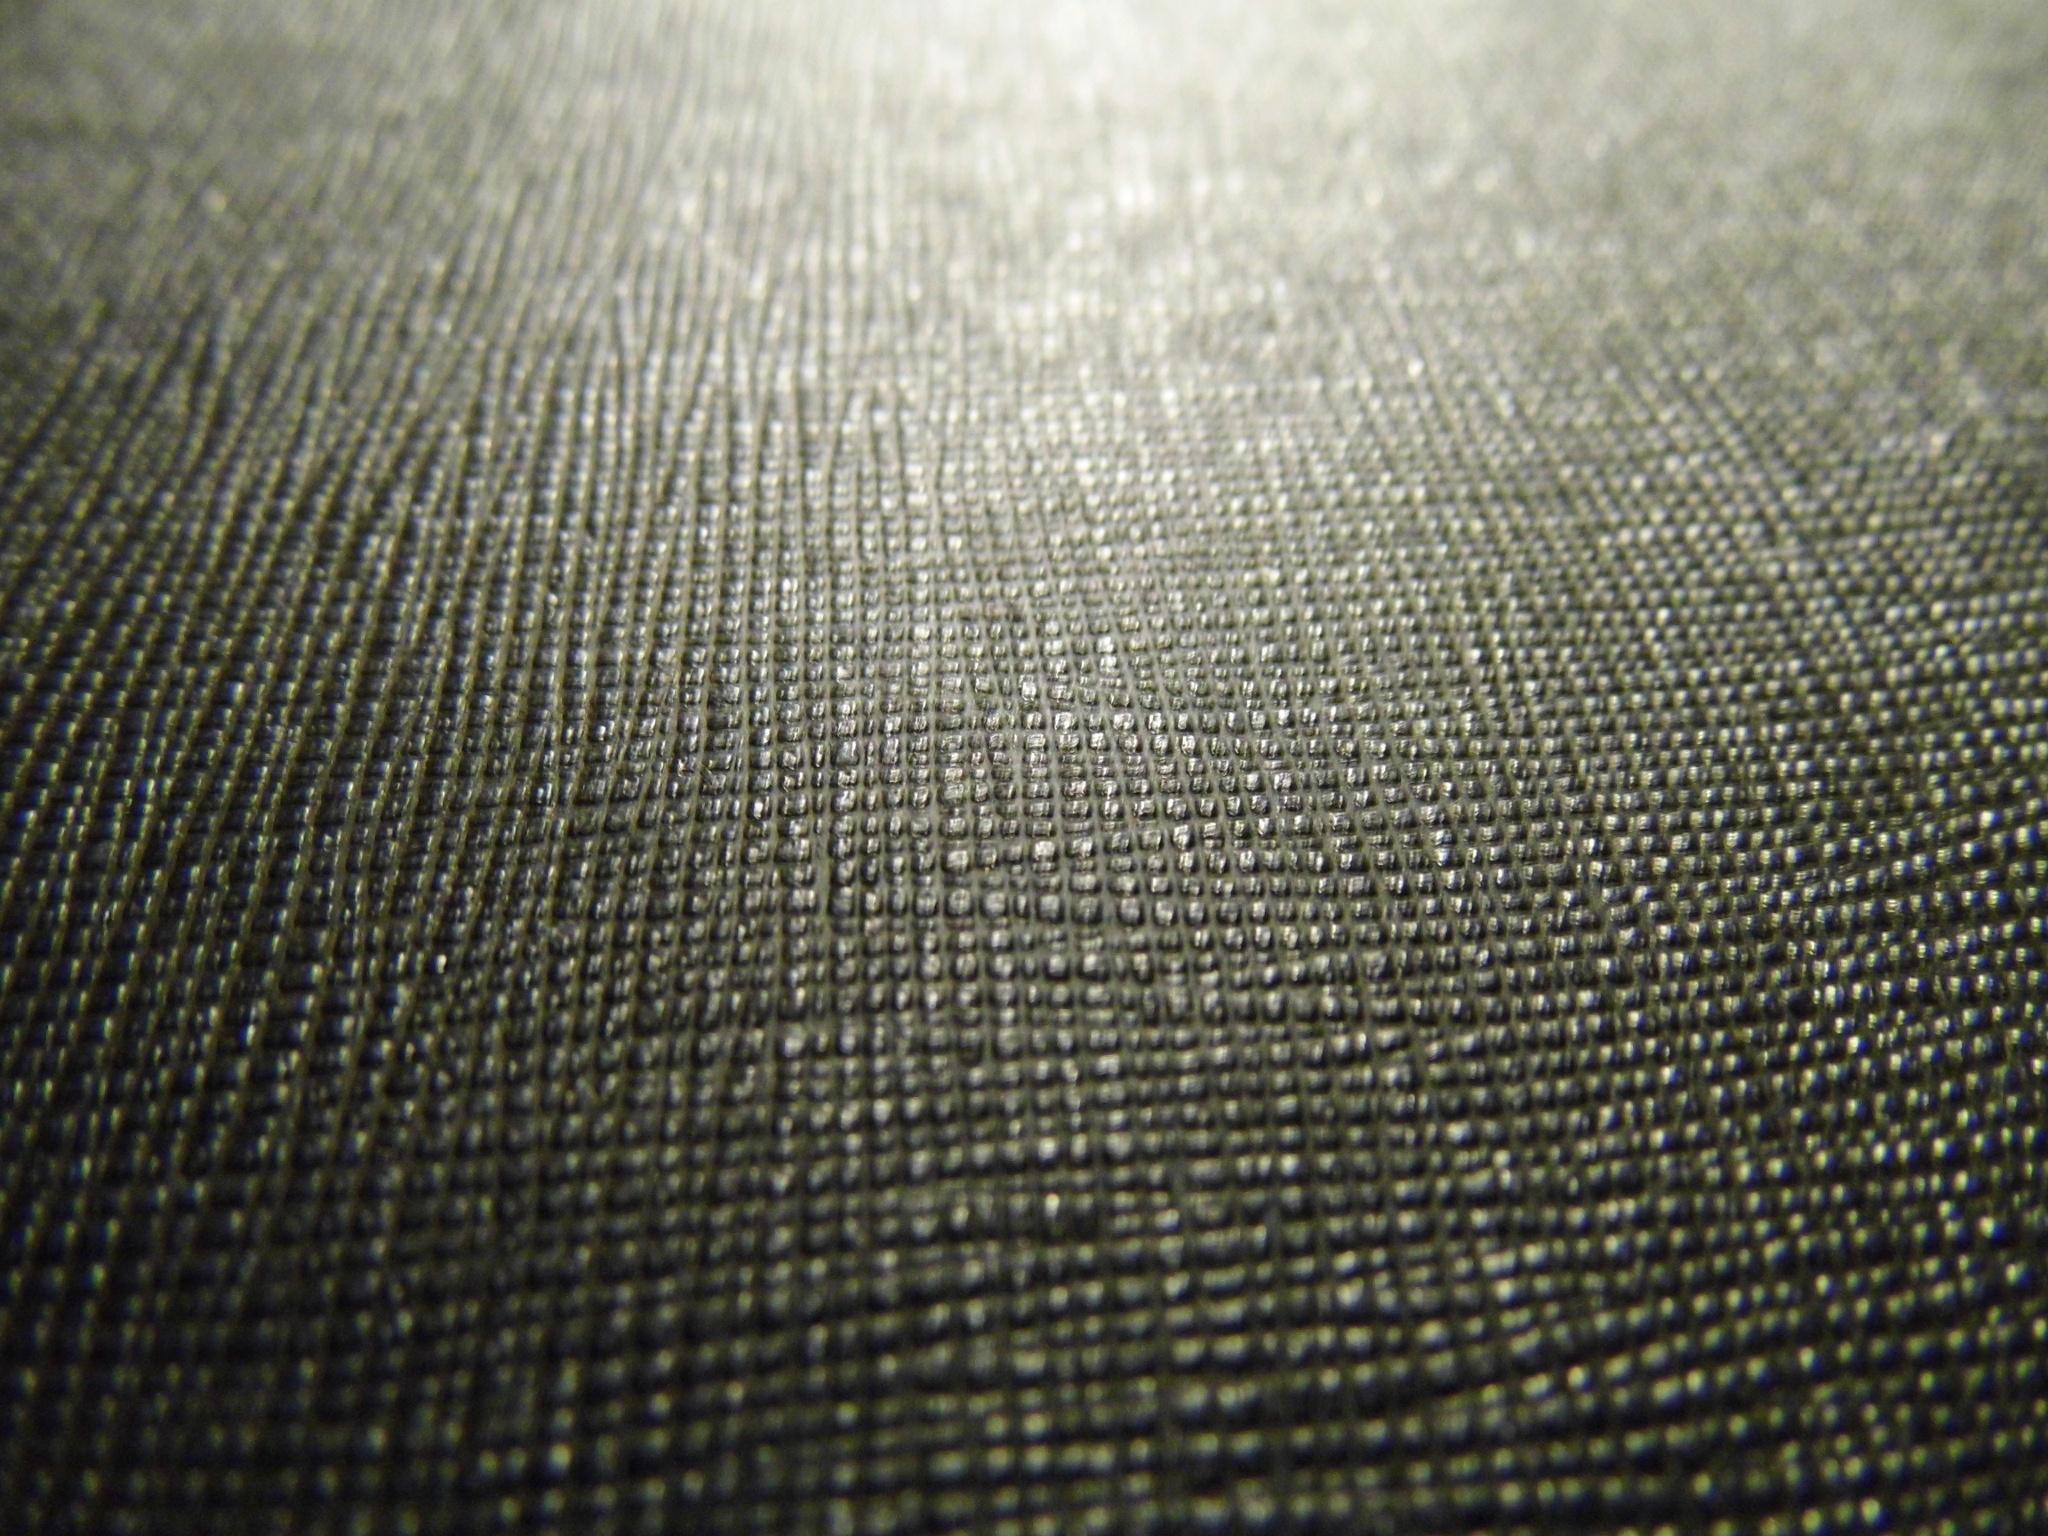 Texture by Naomi D Tillotson-Keating